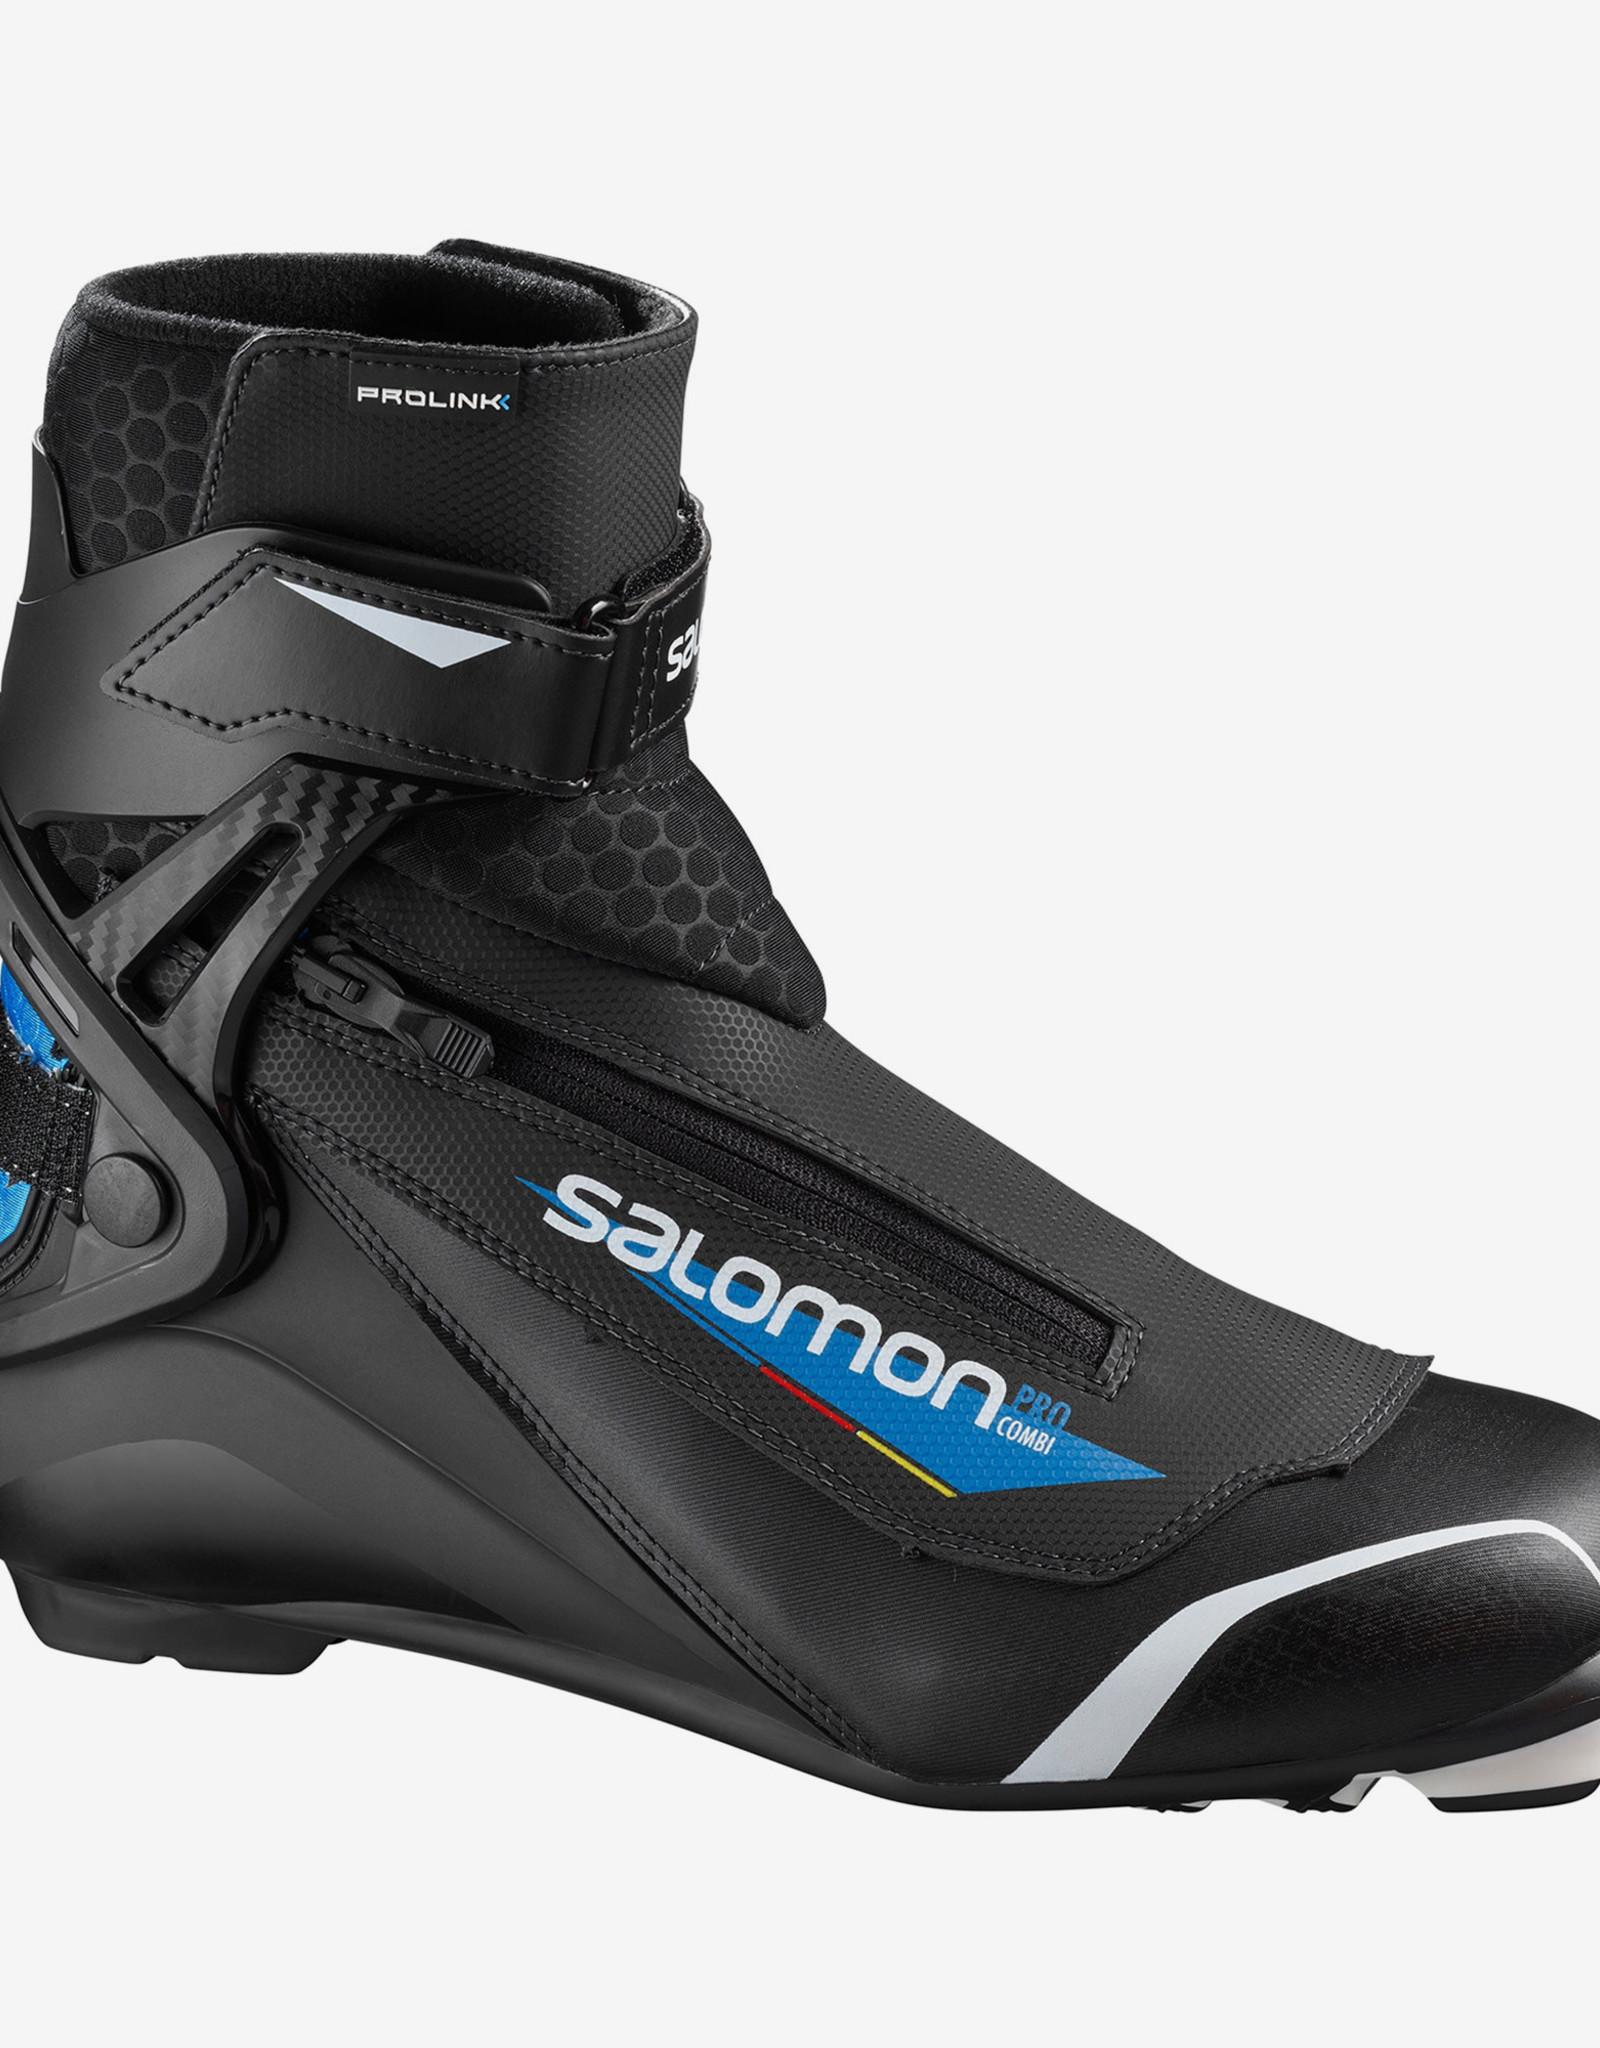 Salomon Pro Combi Prolink